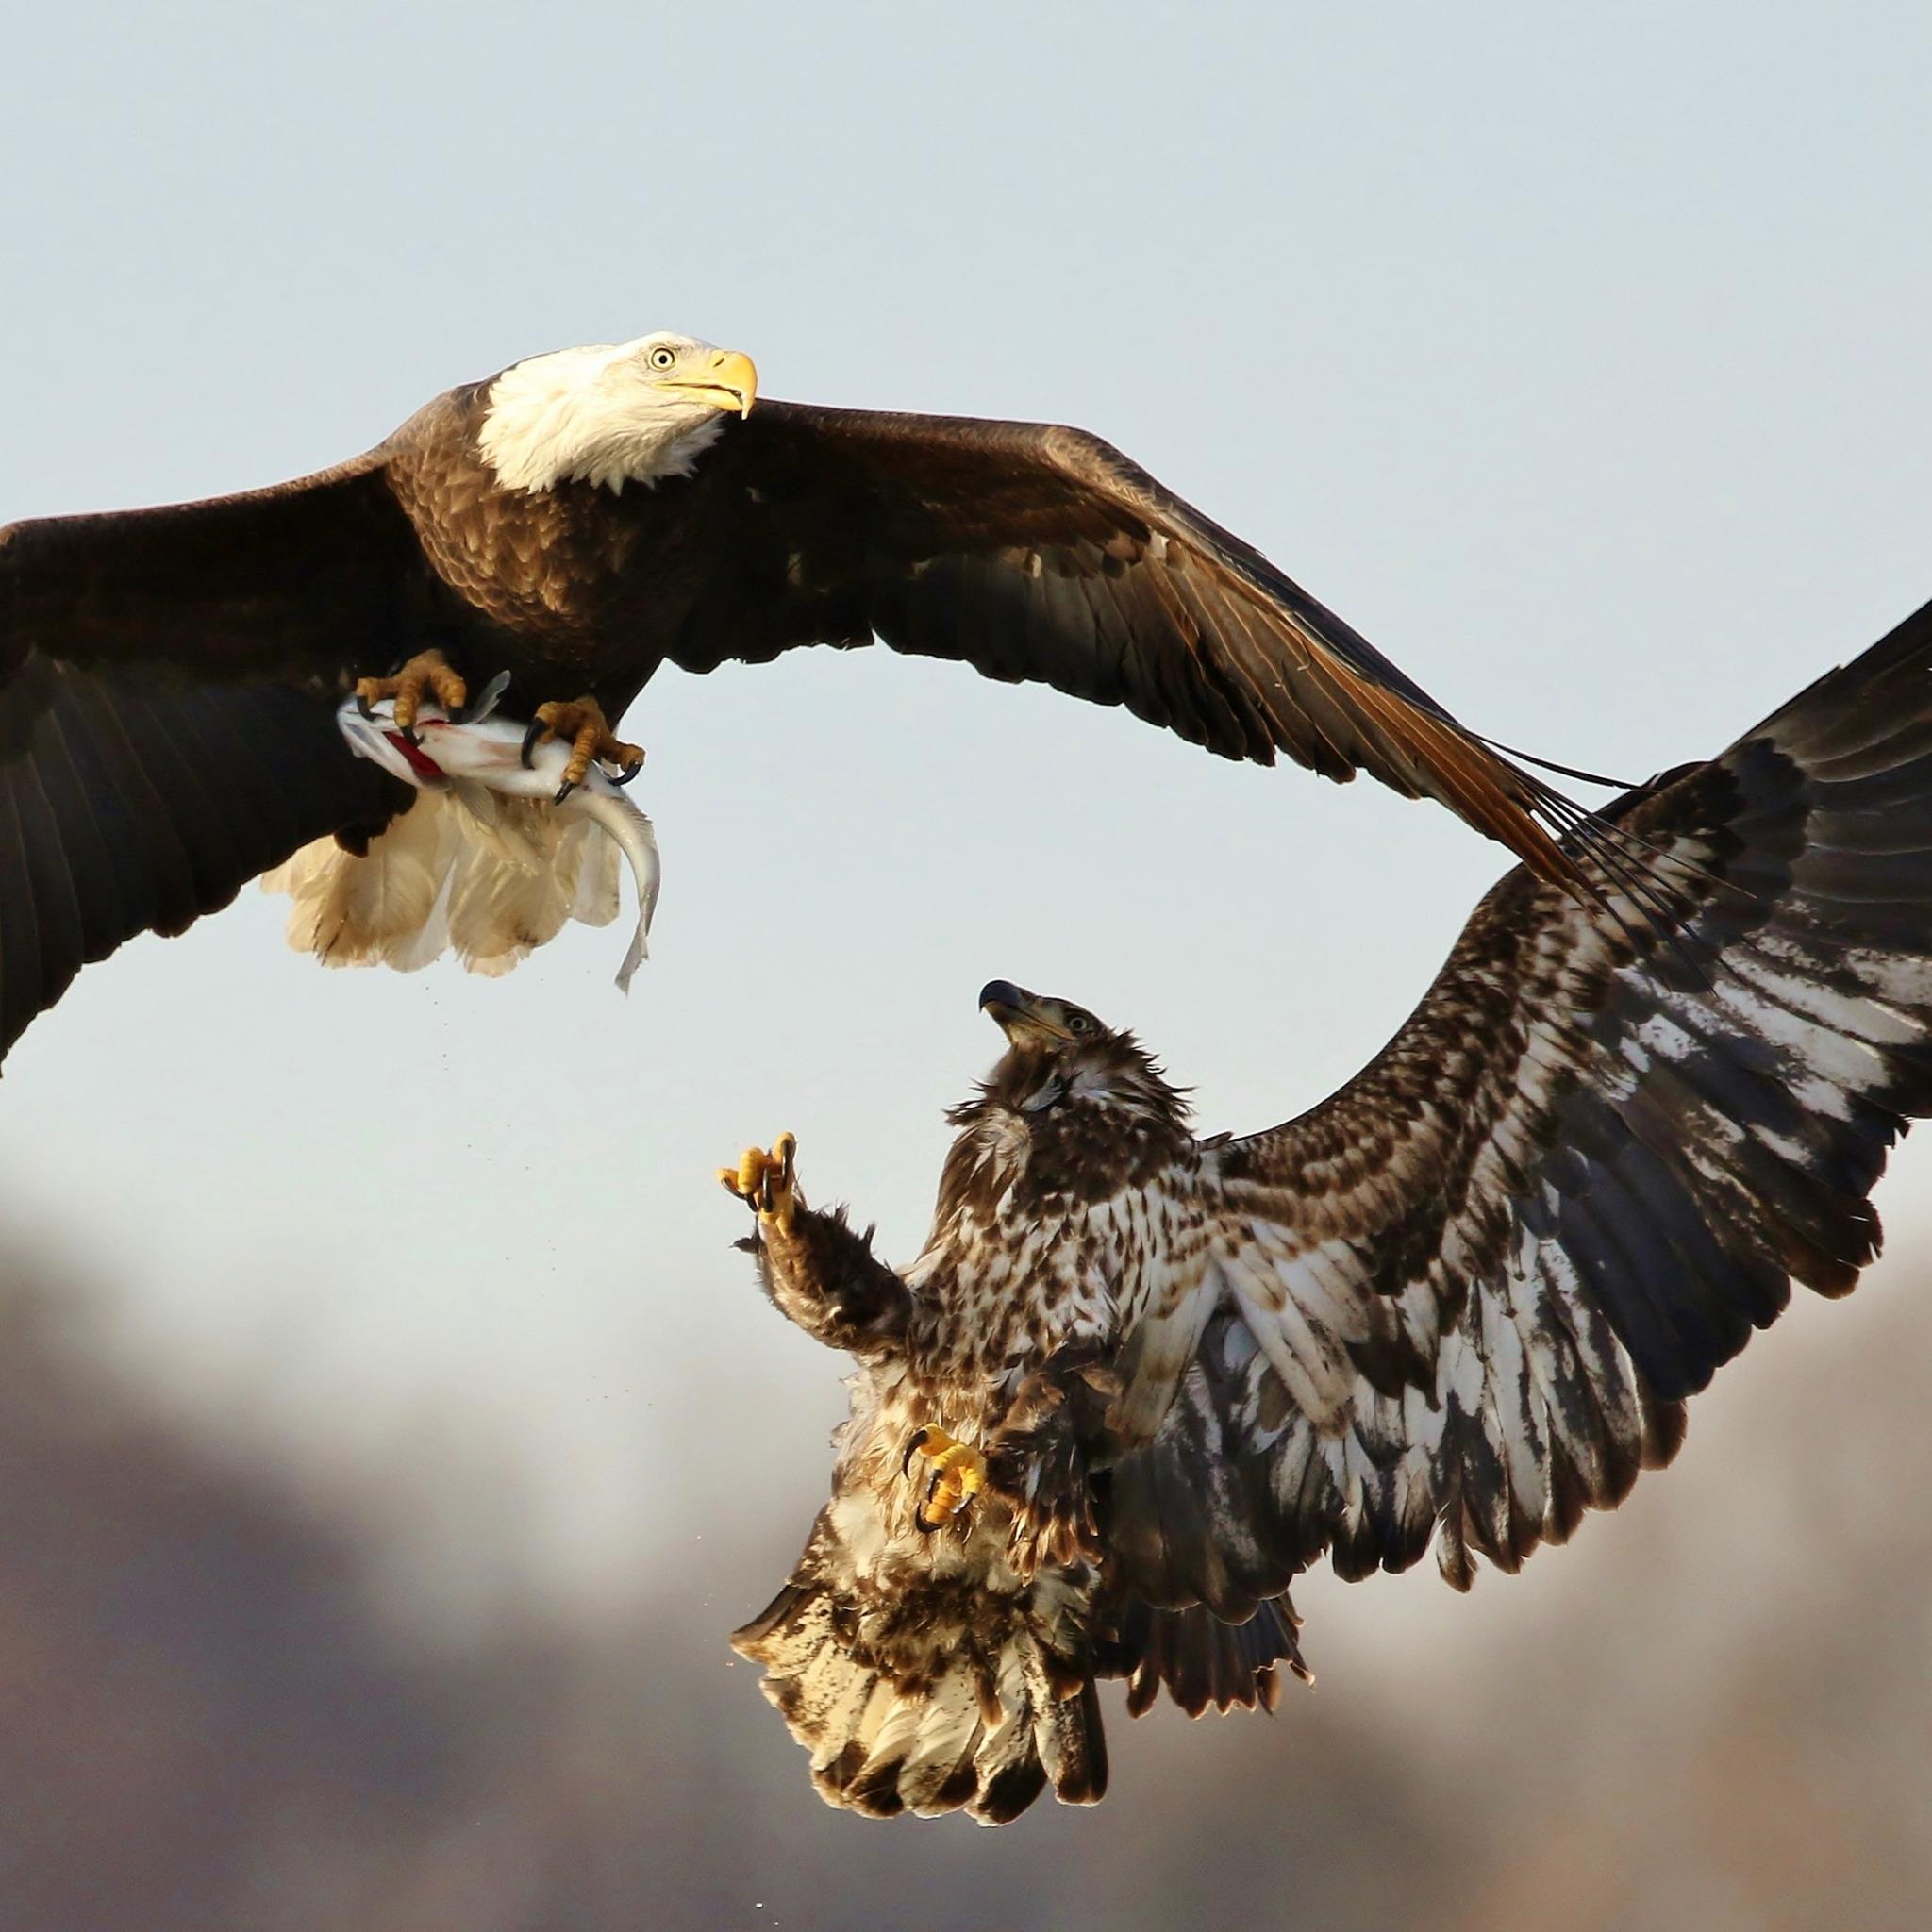 наших героев фото орла и ястреба вместе всех номерах есть